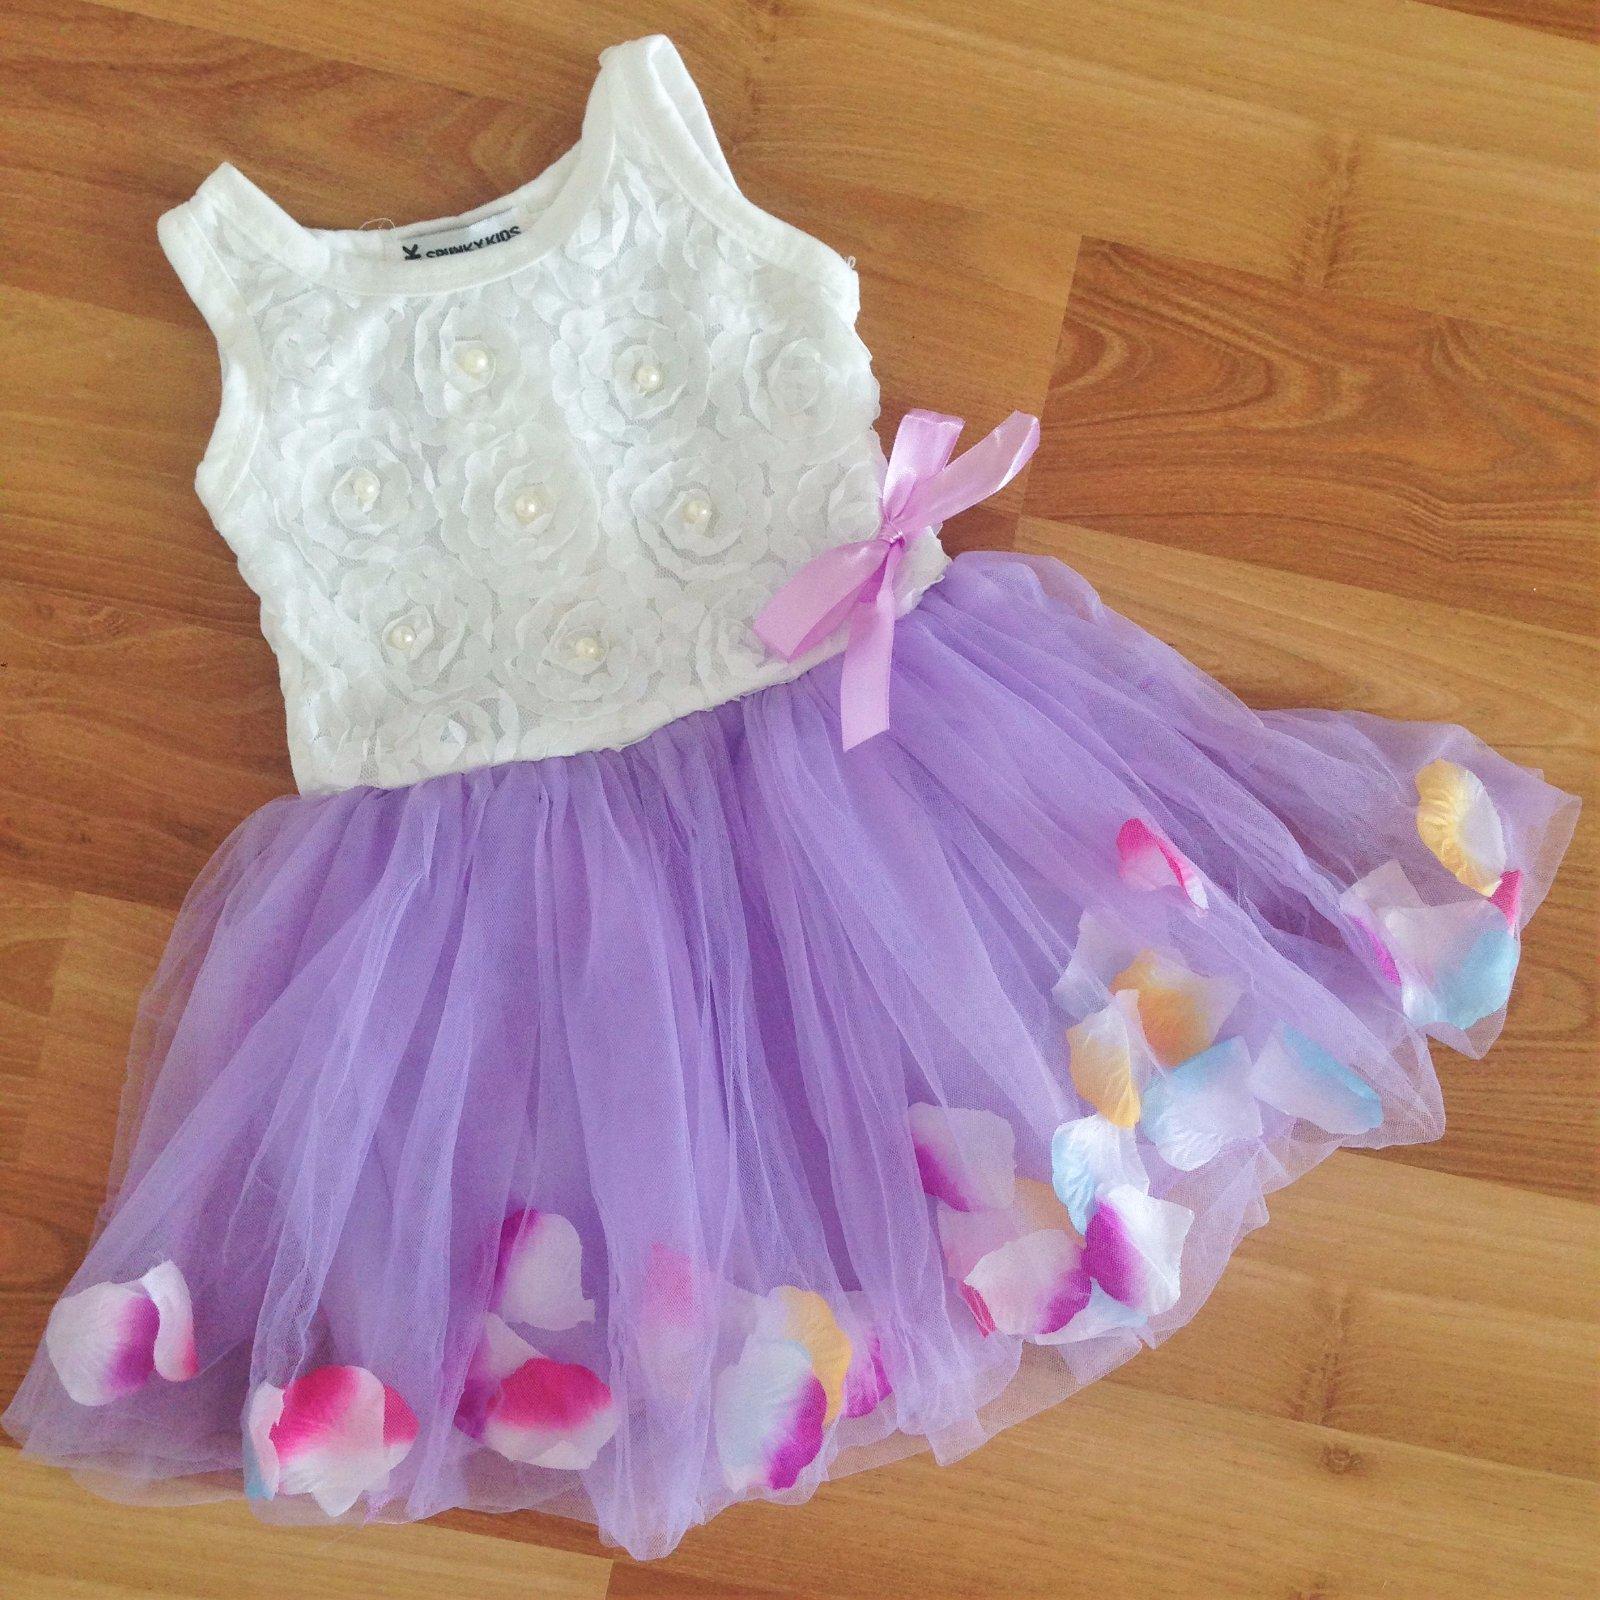 99835e9ee Skladom tutu /petti šaty s lupienkami, 68 - 104 - 6,98 € od predávajúcej  dancinbugs | Detský bazár | ModryKonik.sk